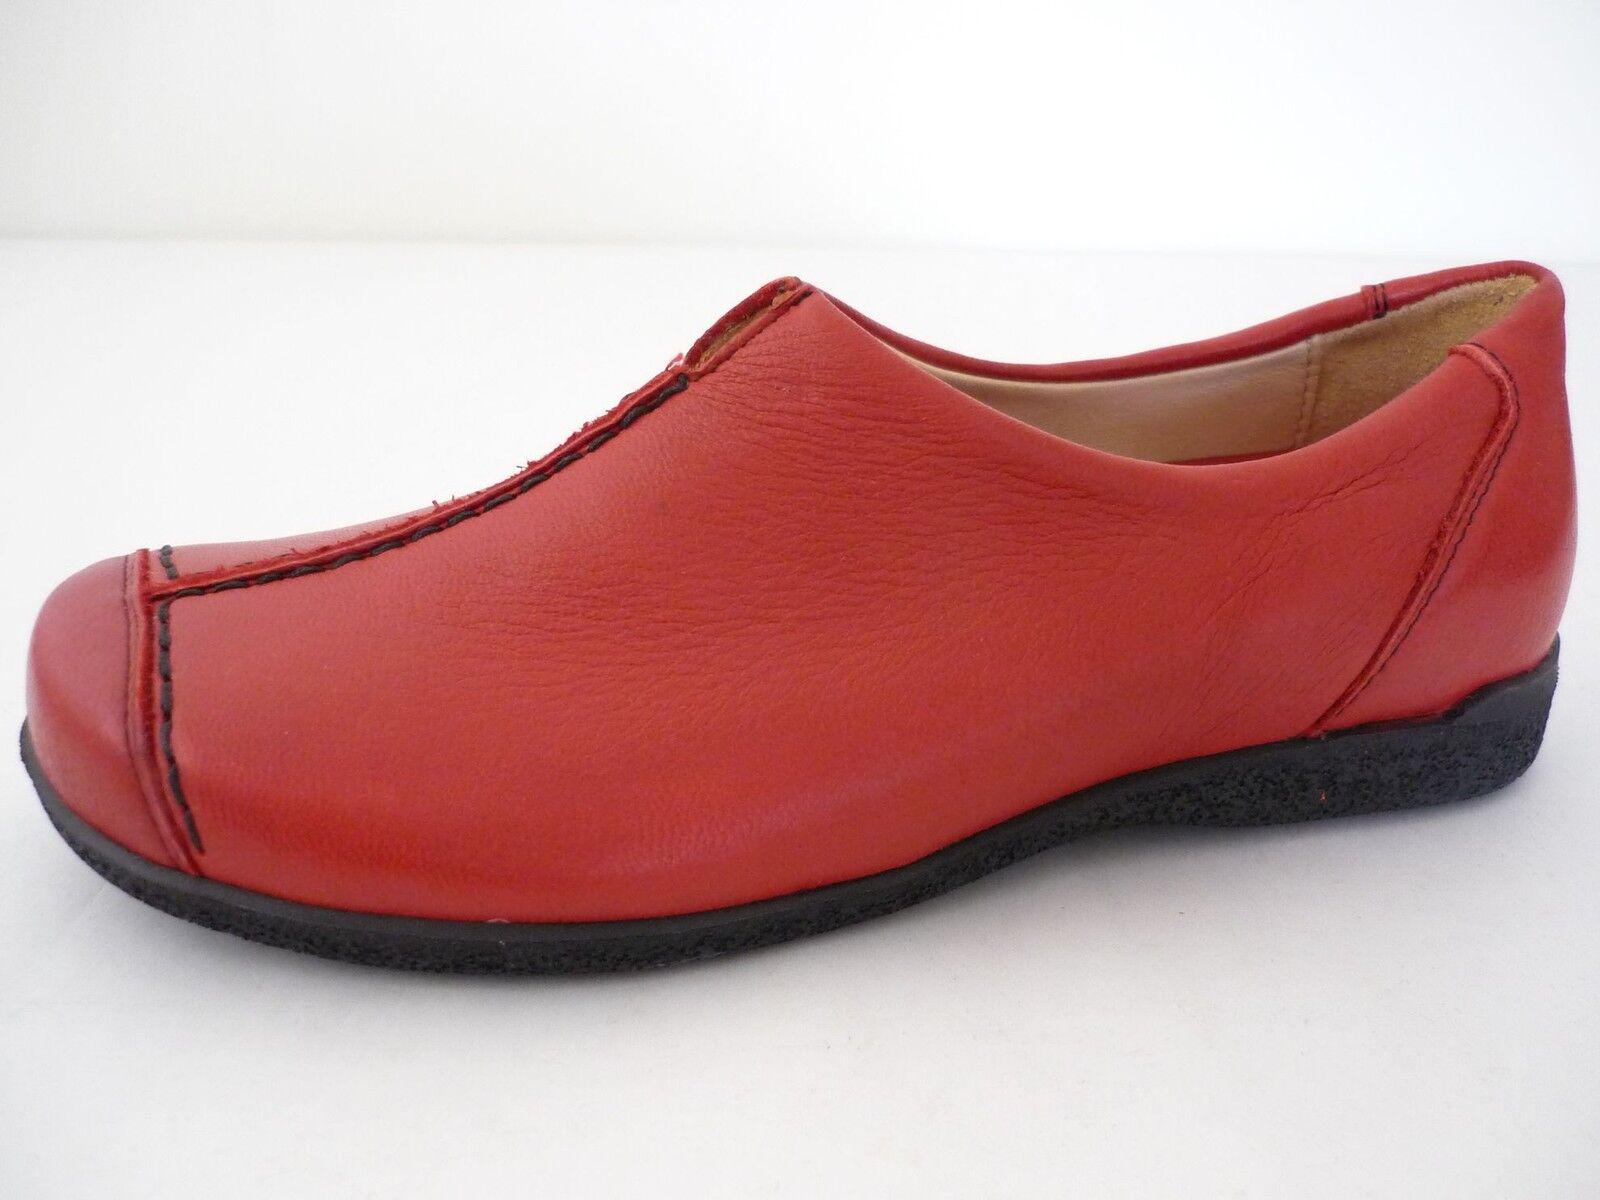 HIGHLANDER DAMEN SCHUHE HALBSCHUHE 37,5 38 38,5 SCHUHE DAMEN ROT LEDER Schuhe FOR Damenschuhe NEU 041aca